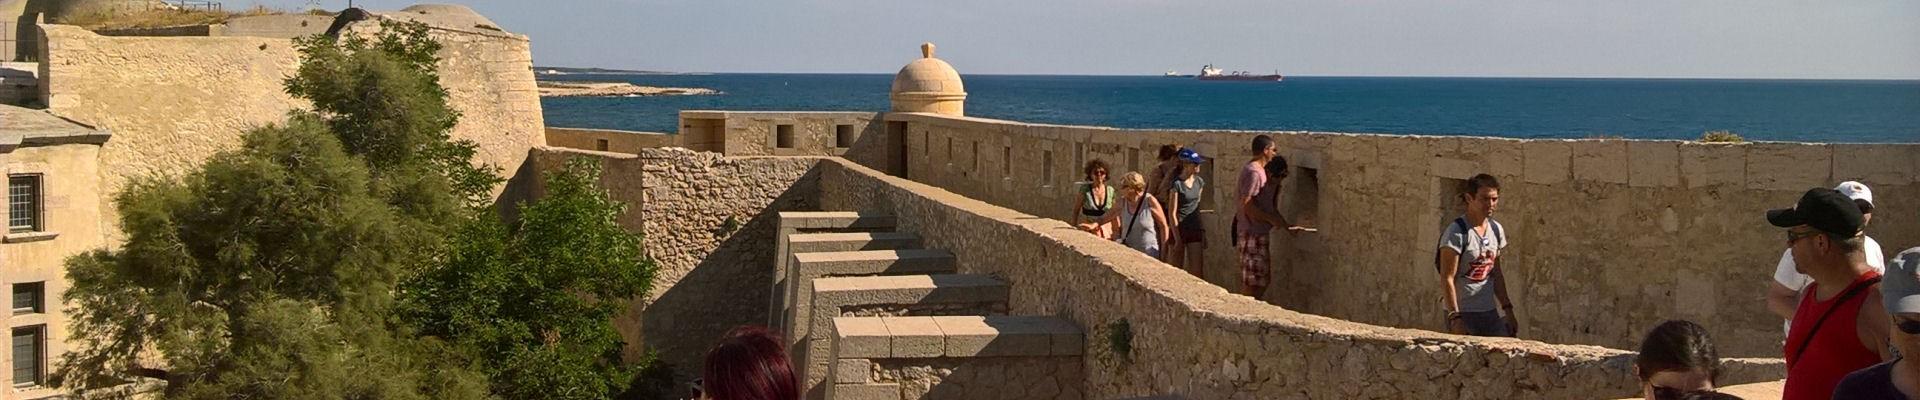 Visite du Fort de Bouc - Martigues